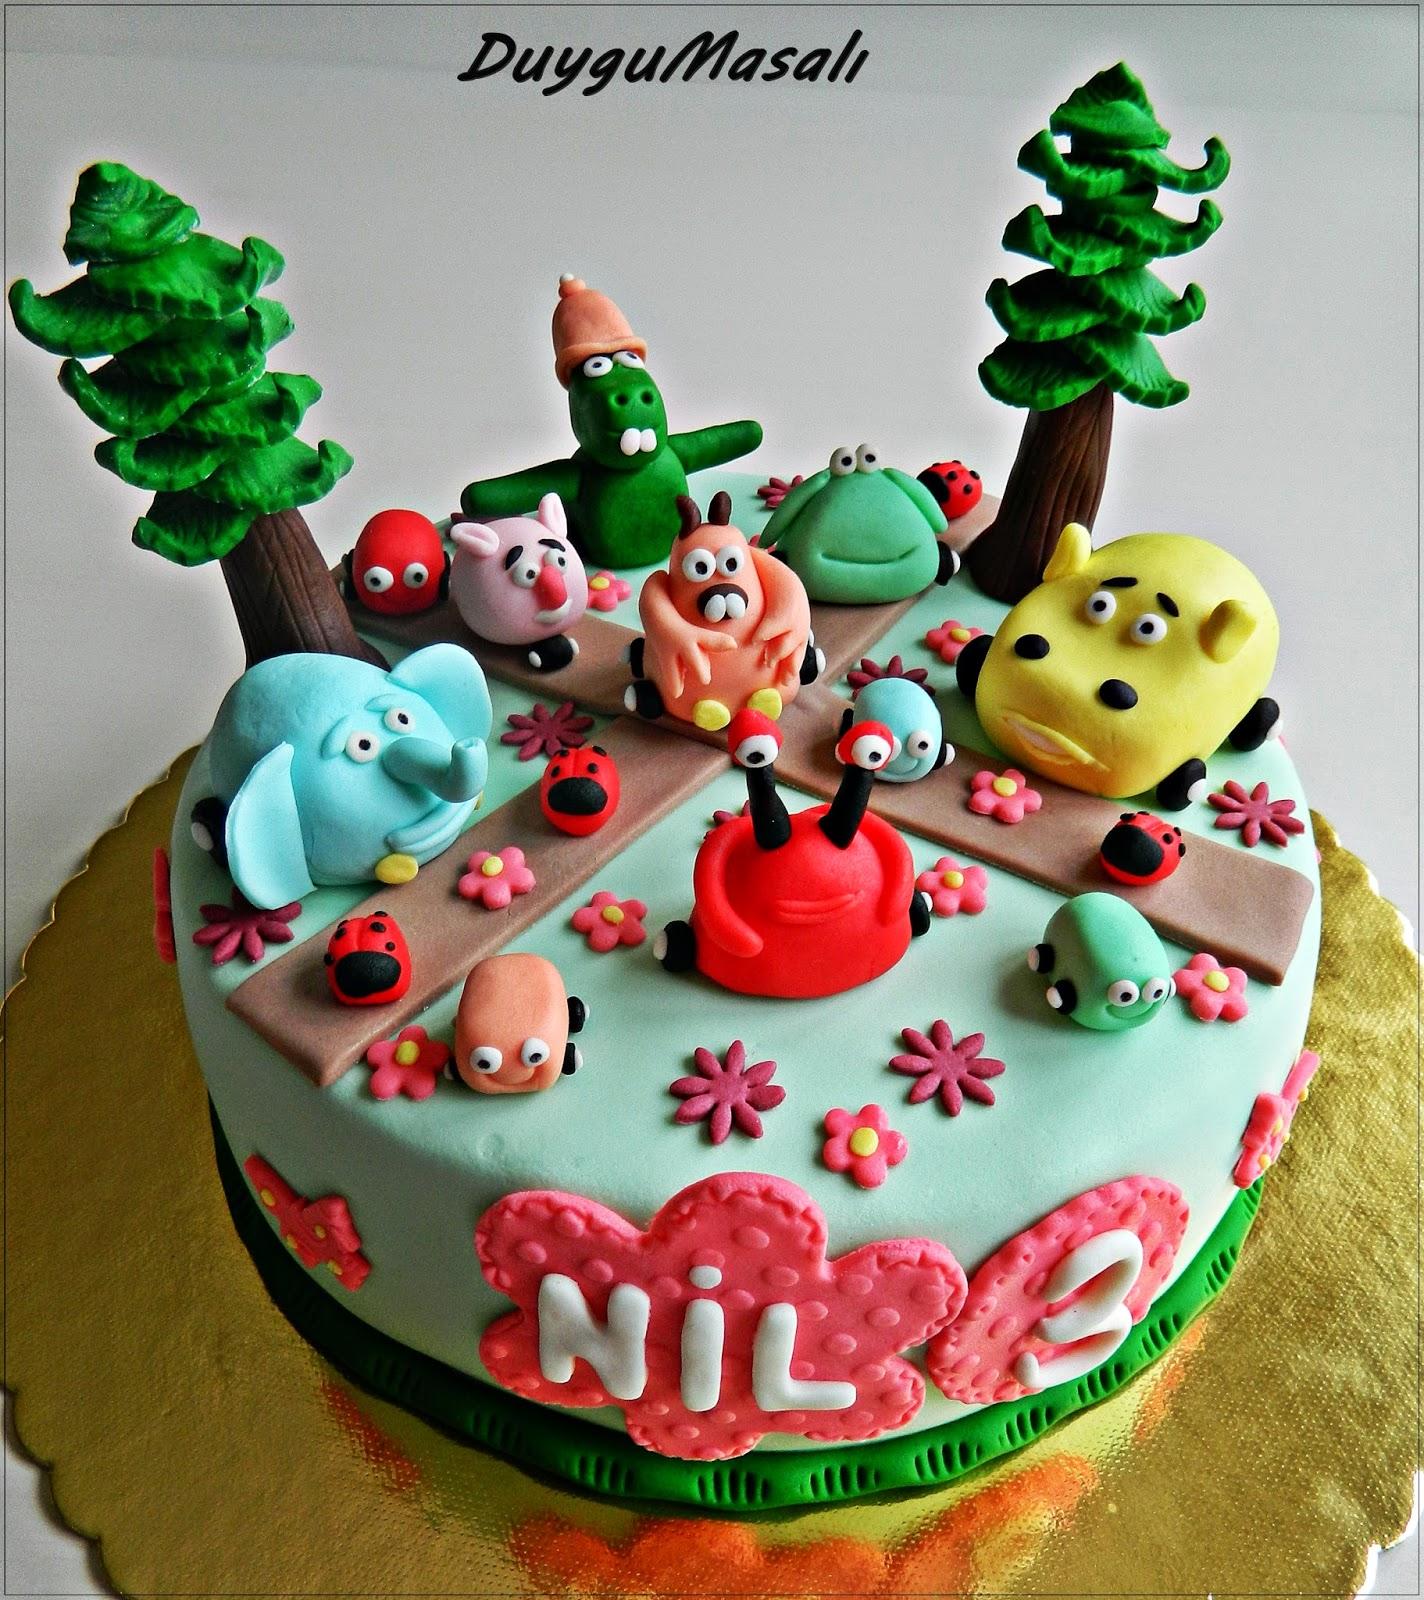 edirne orman kavşağı pasta